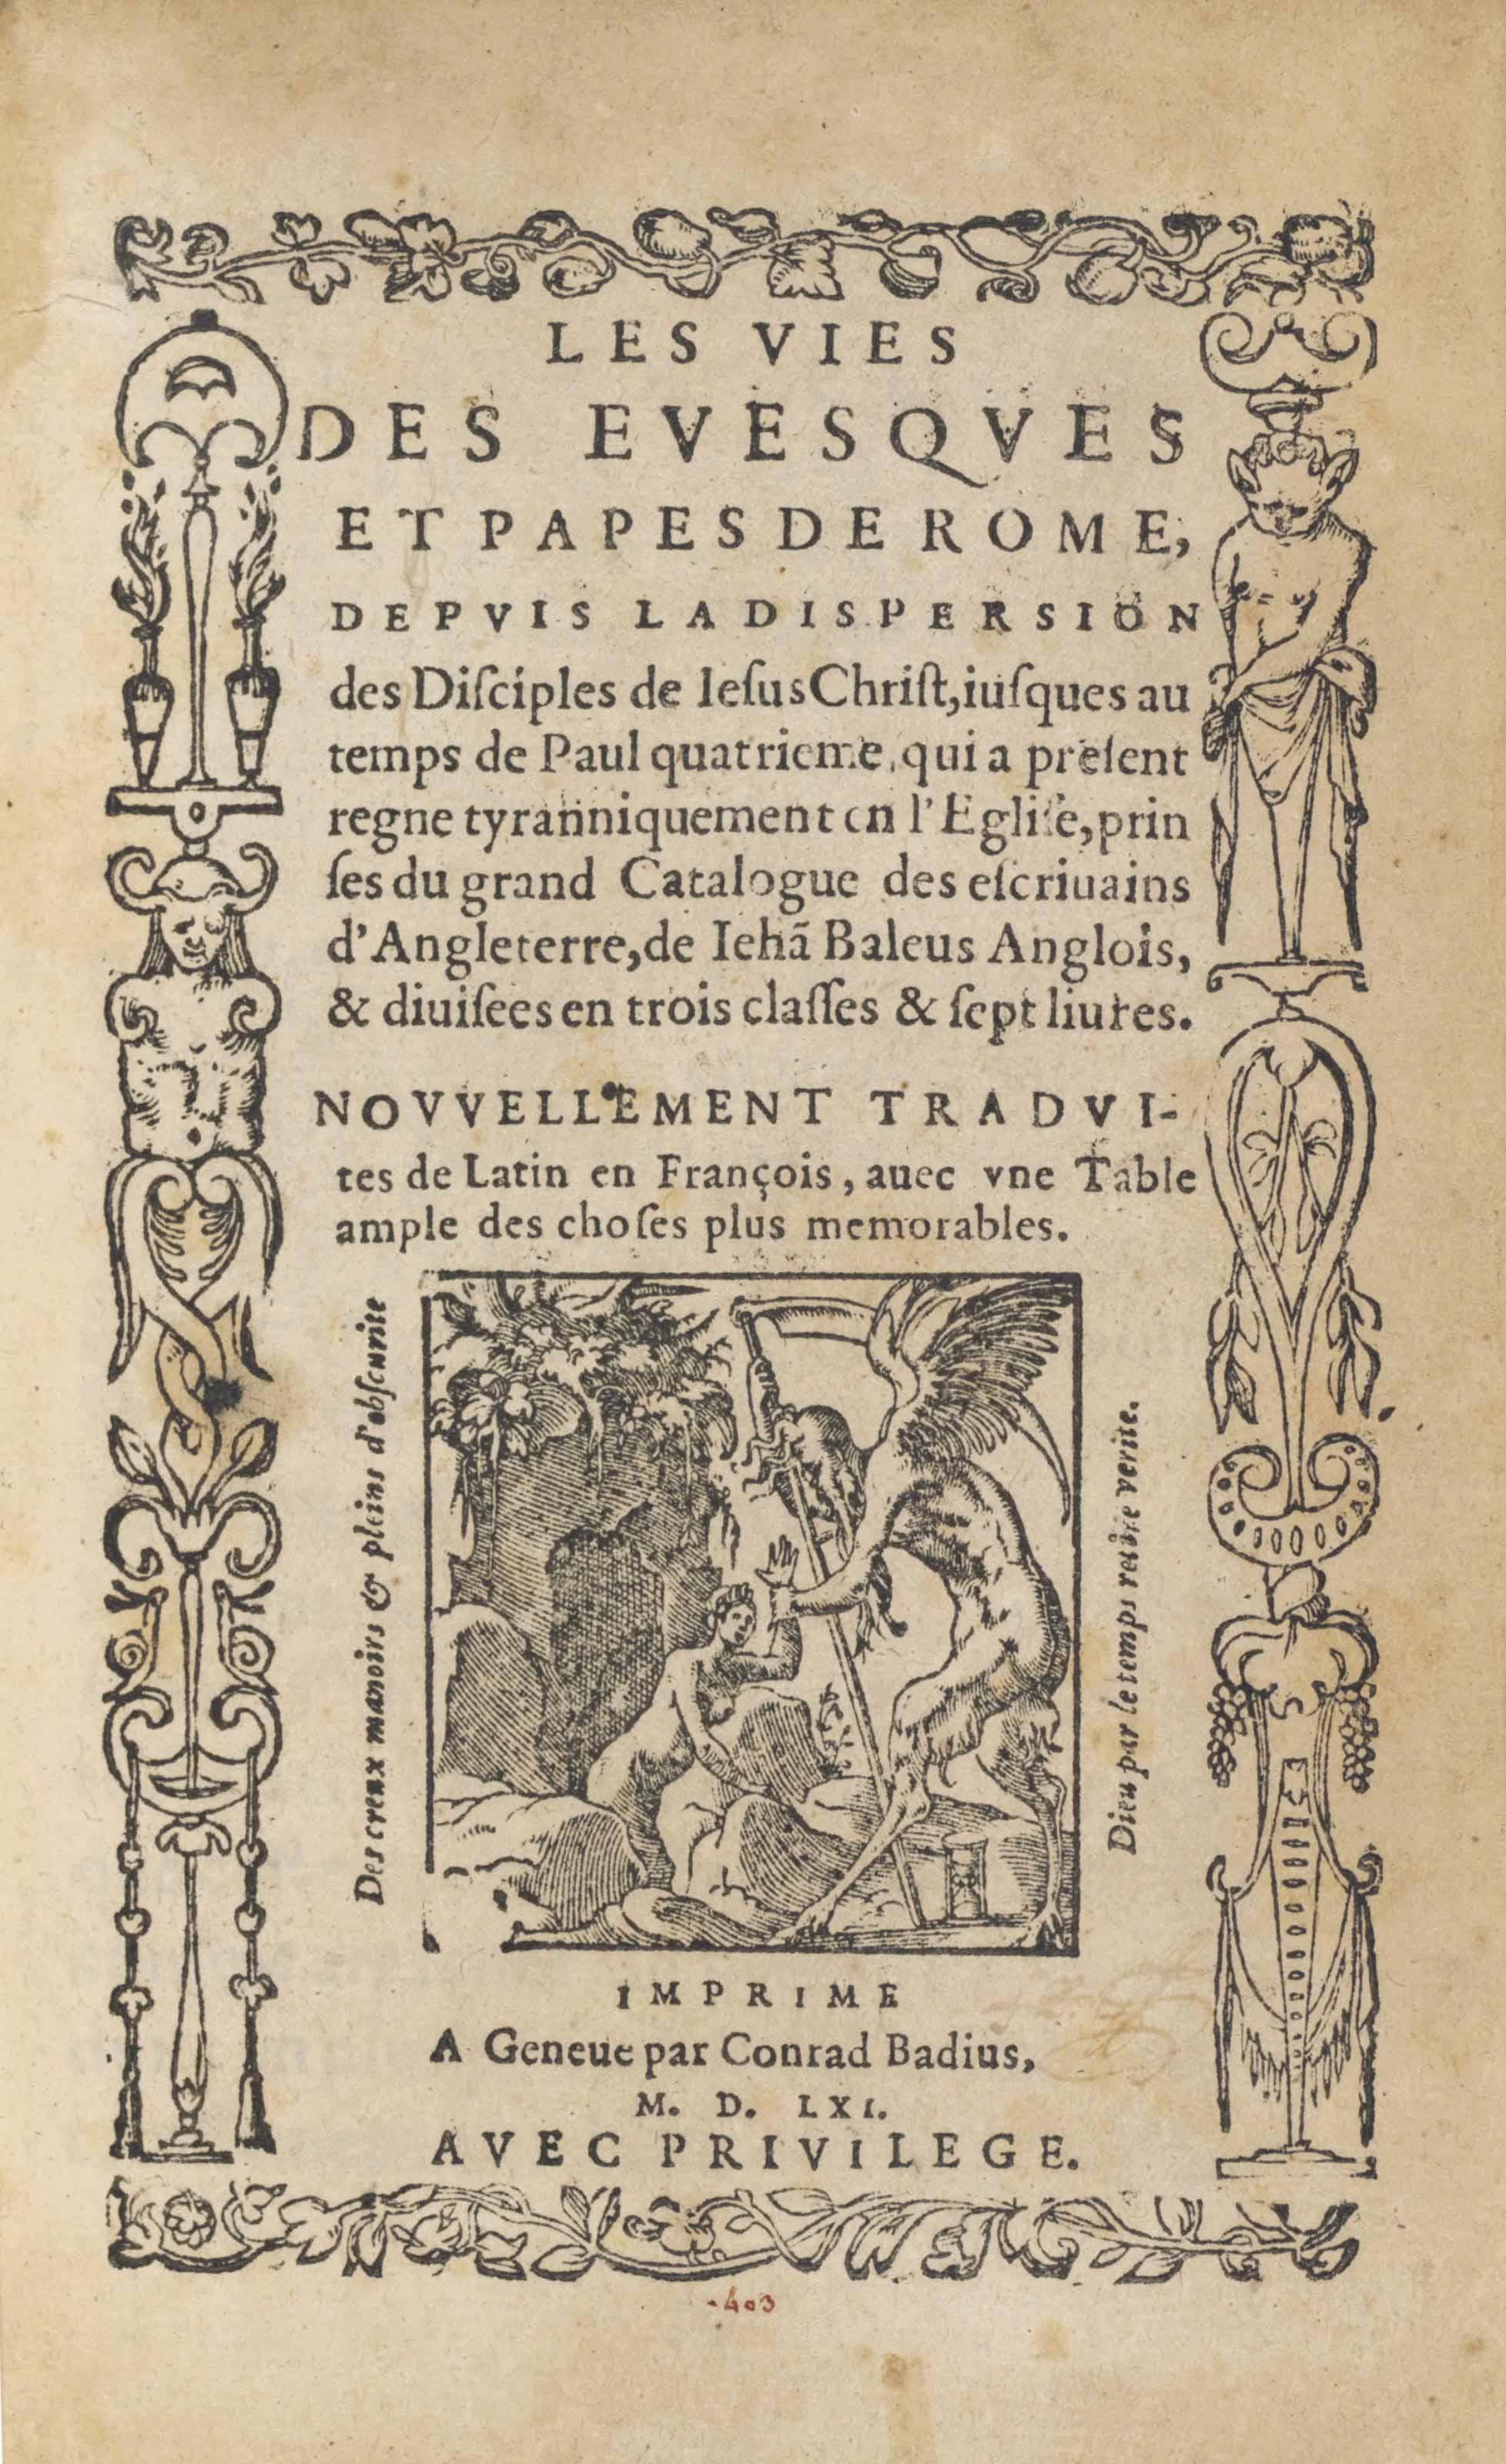 BALE, John, Bishop of Ossory (1495-1563). Les vies des evesques et papes de Rome … nouvellement traduites de latin en françois. Geneva: Conrad Badius, 1561.